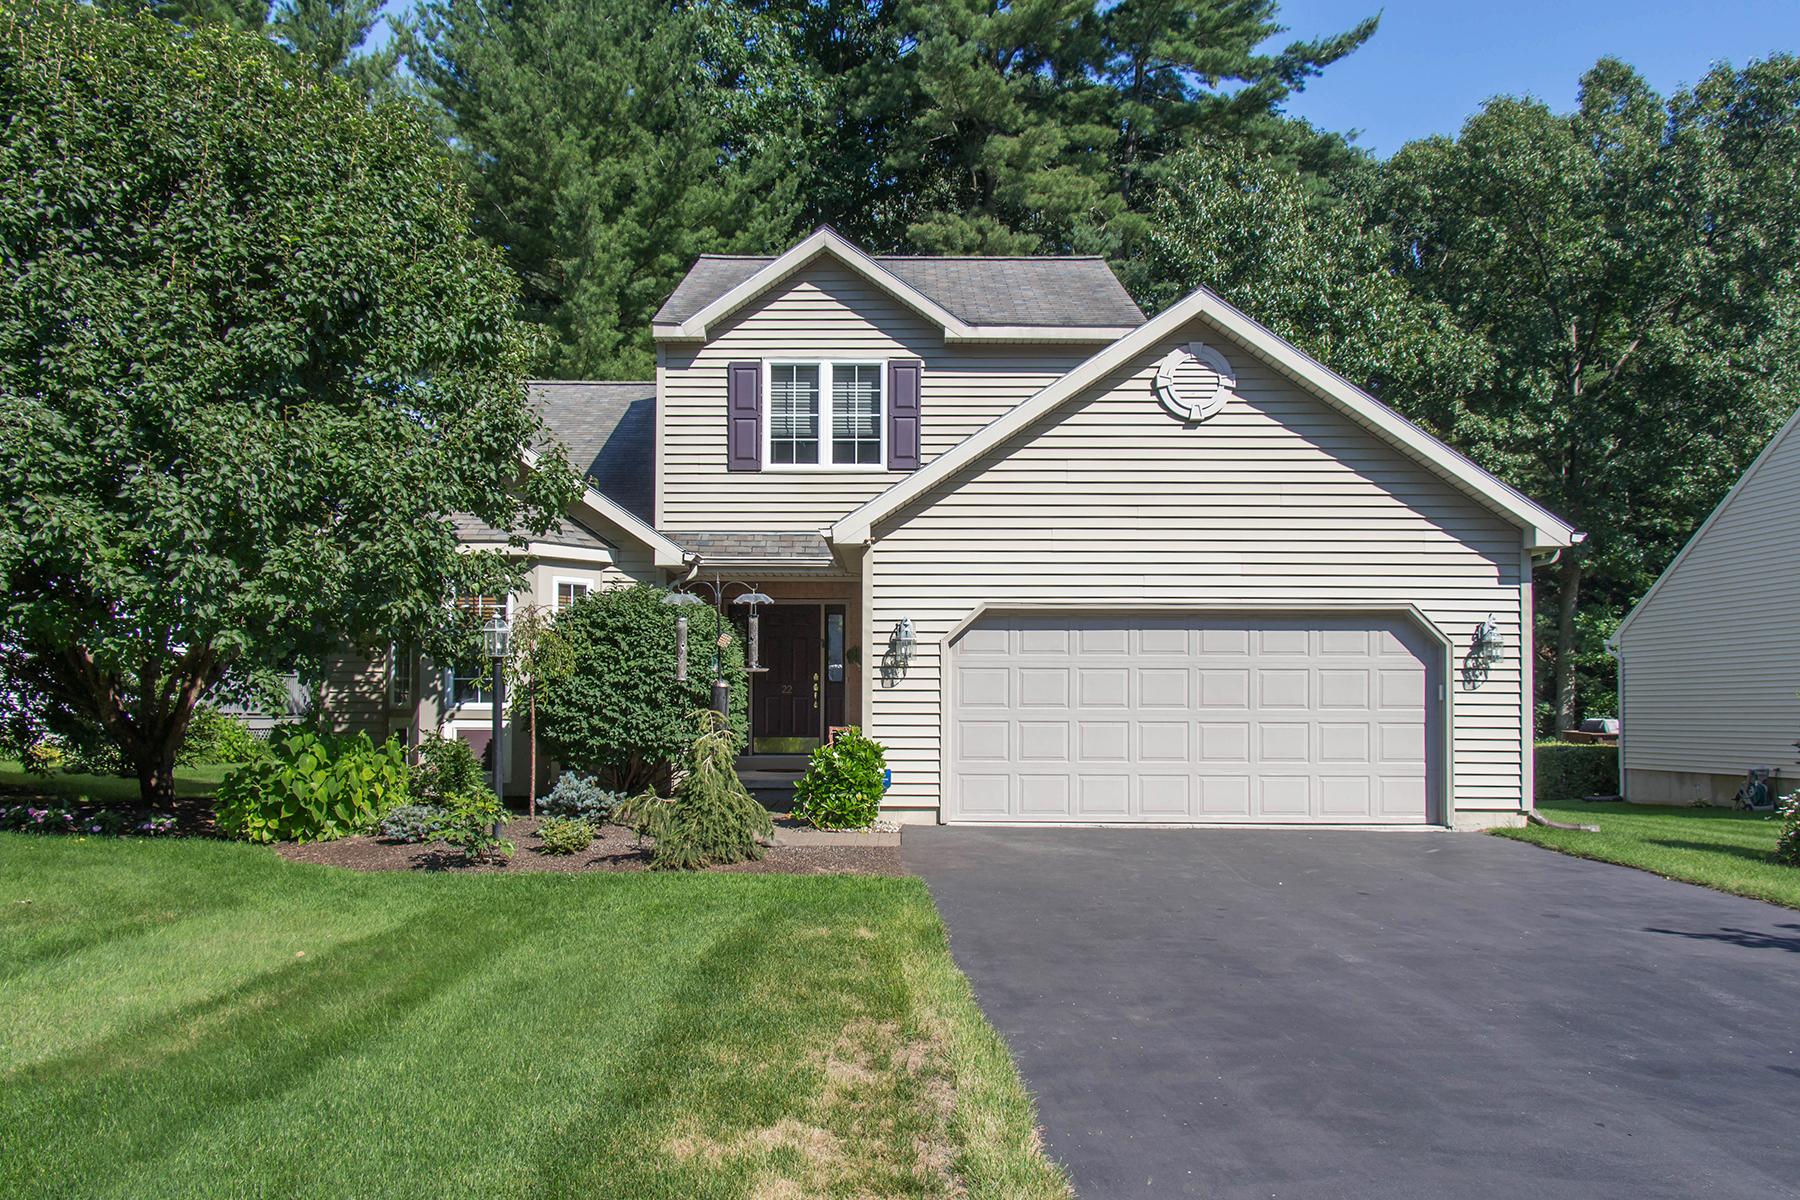 Частный односемейный дом для того Продажа на Summer Wind 22 Waterview Dr Saratoga Springs, Нью-Йорк 12866 Соединенные Штаты